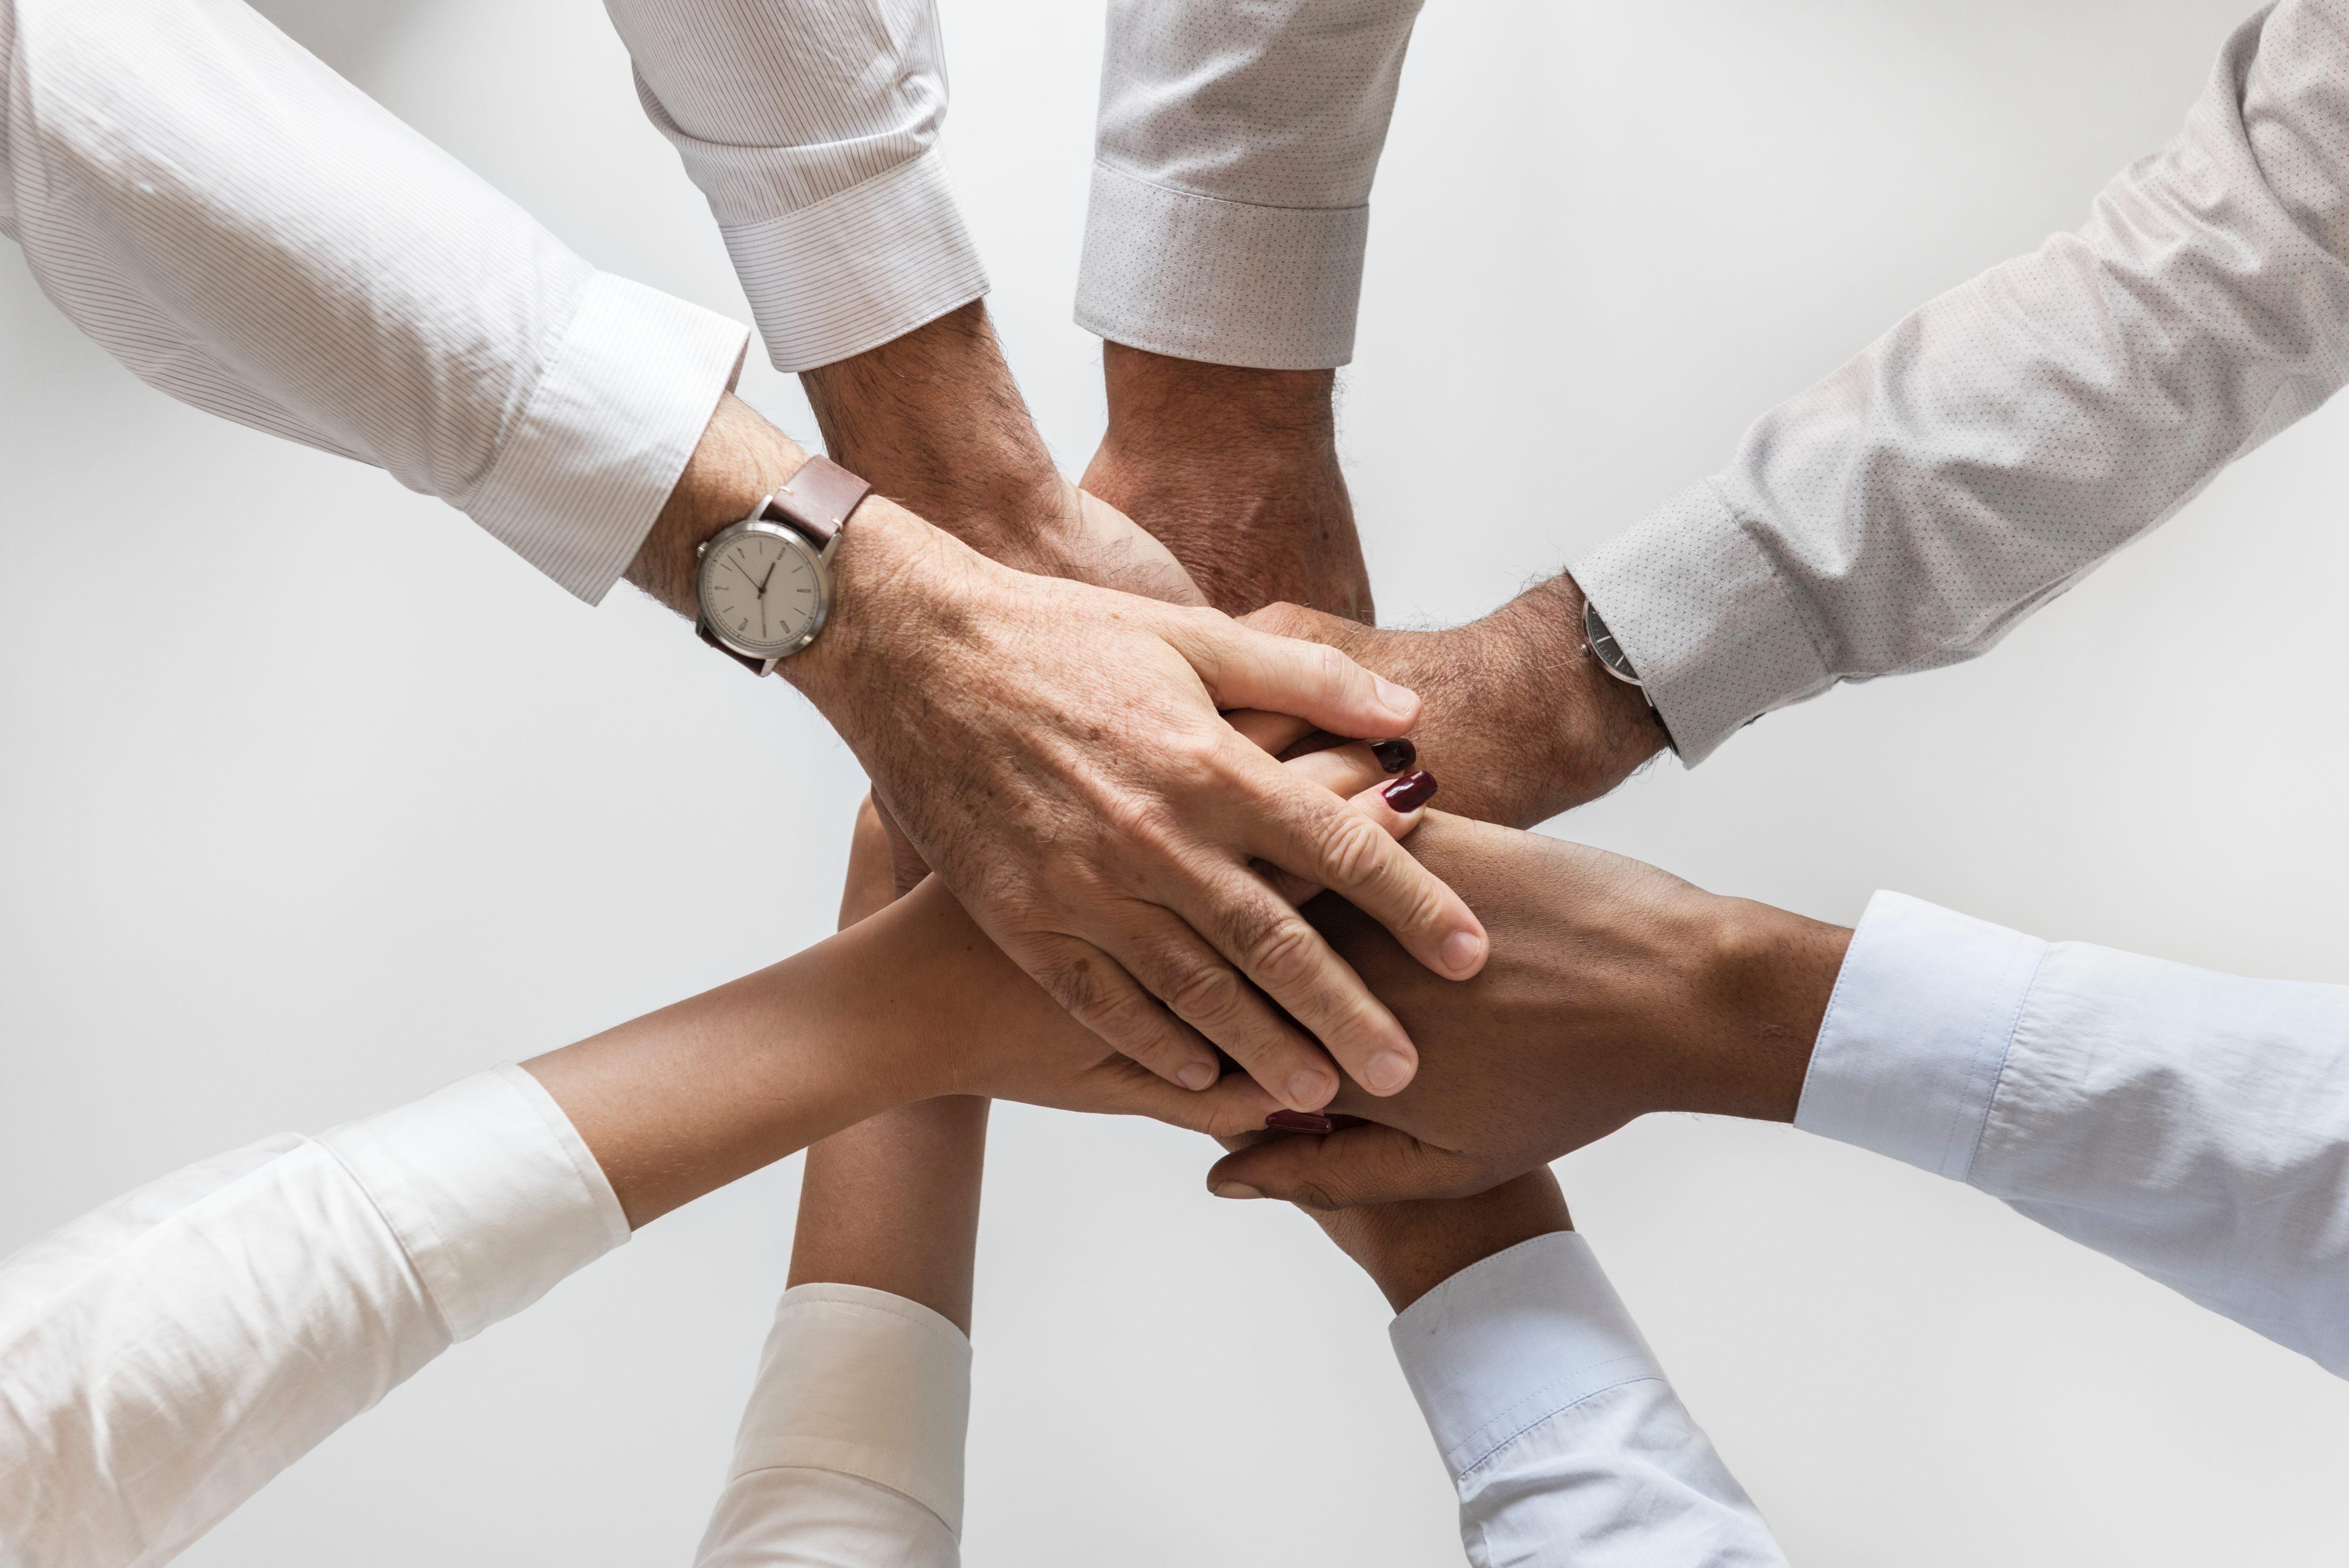 Implementacja dyrektywy PSD2. Wpływ regulacji na systemy motywacyjne stosowane przez przedsiębiorców